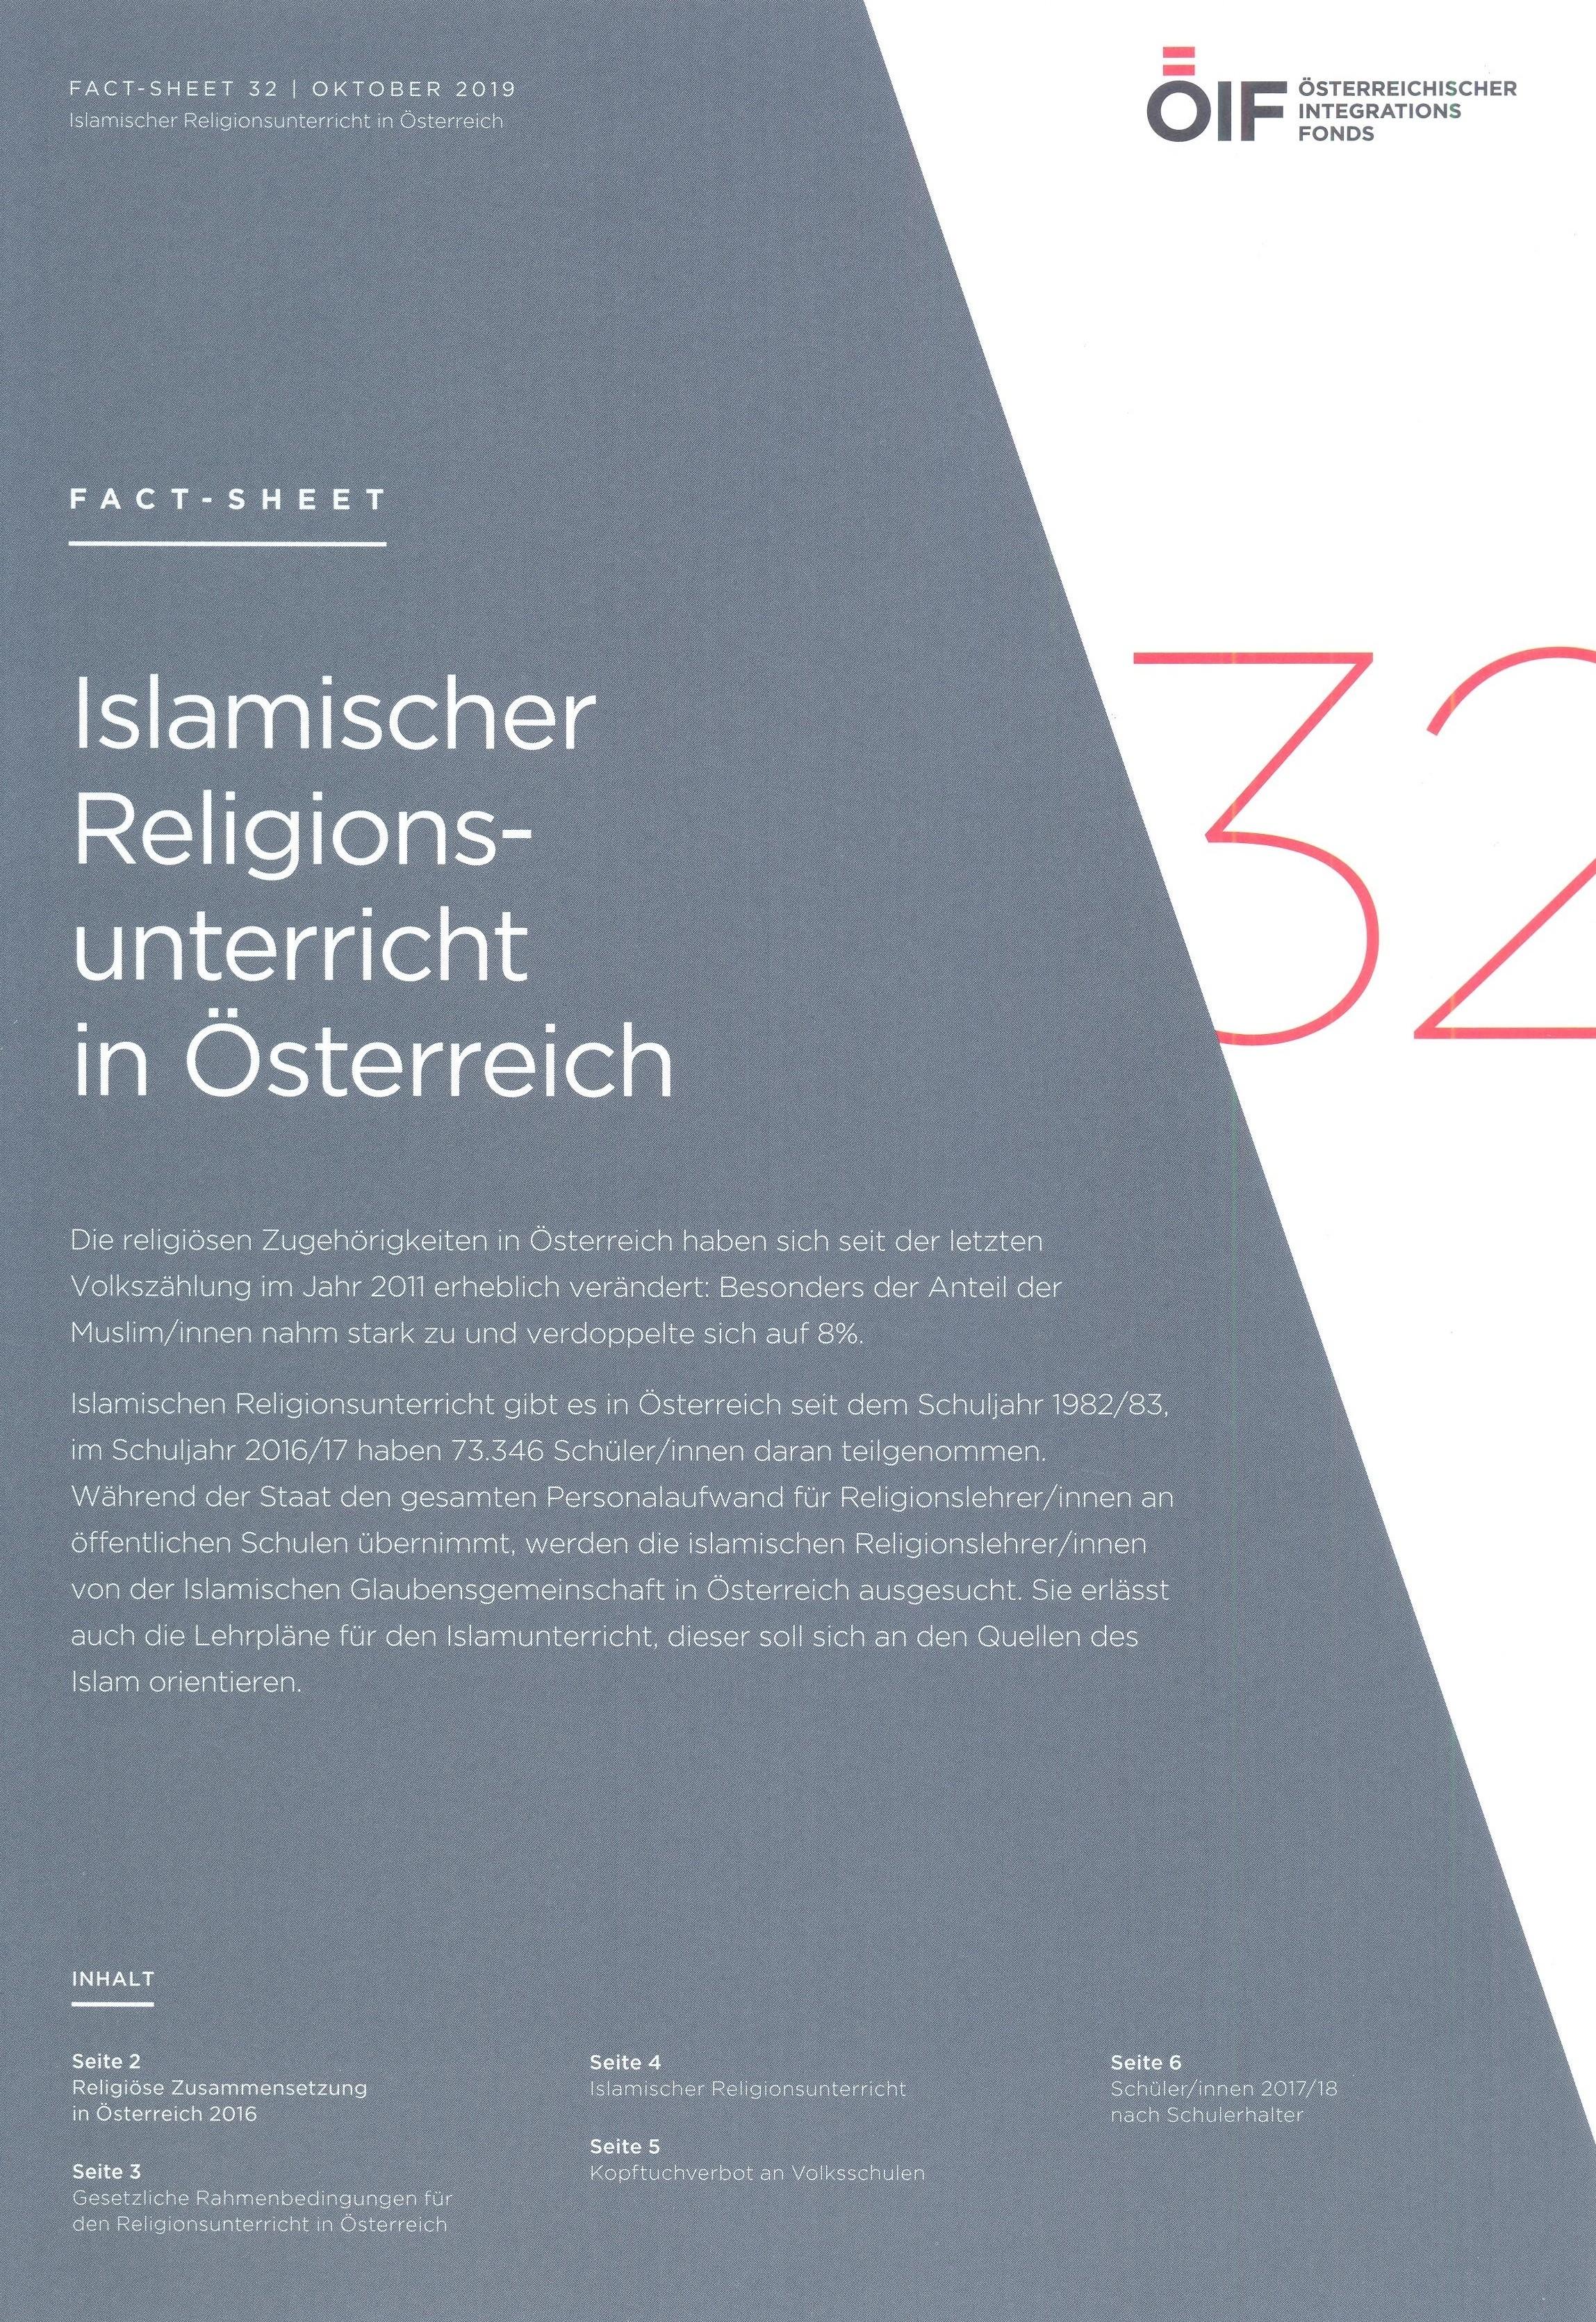 Islamischer Religionsunterricht in Österreich Fact-Sheet 32